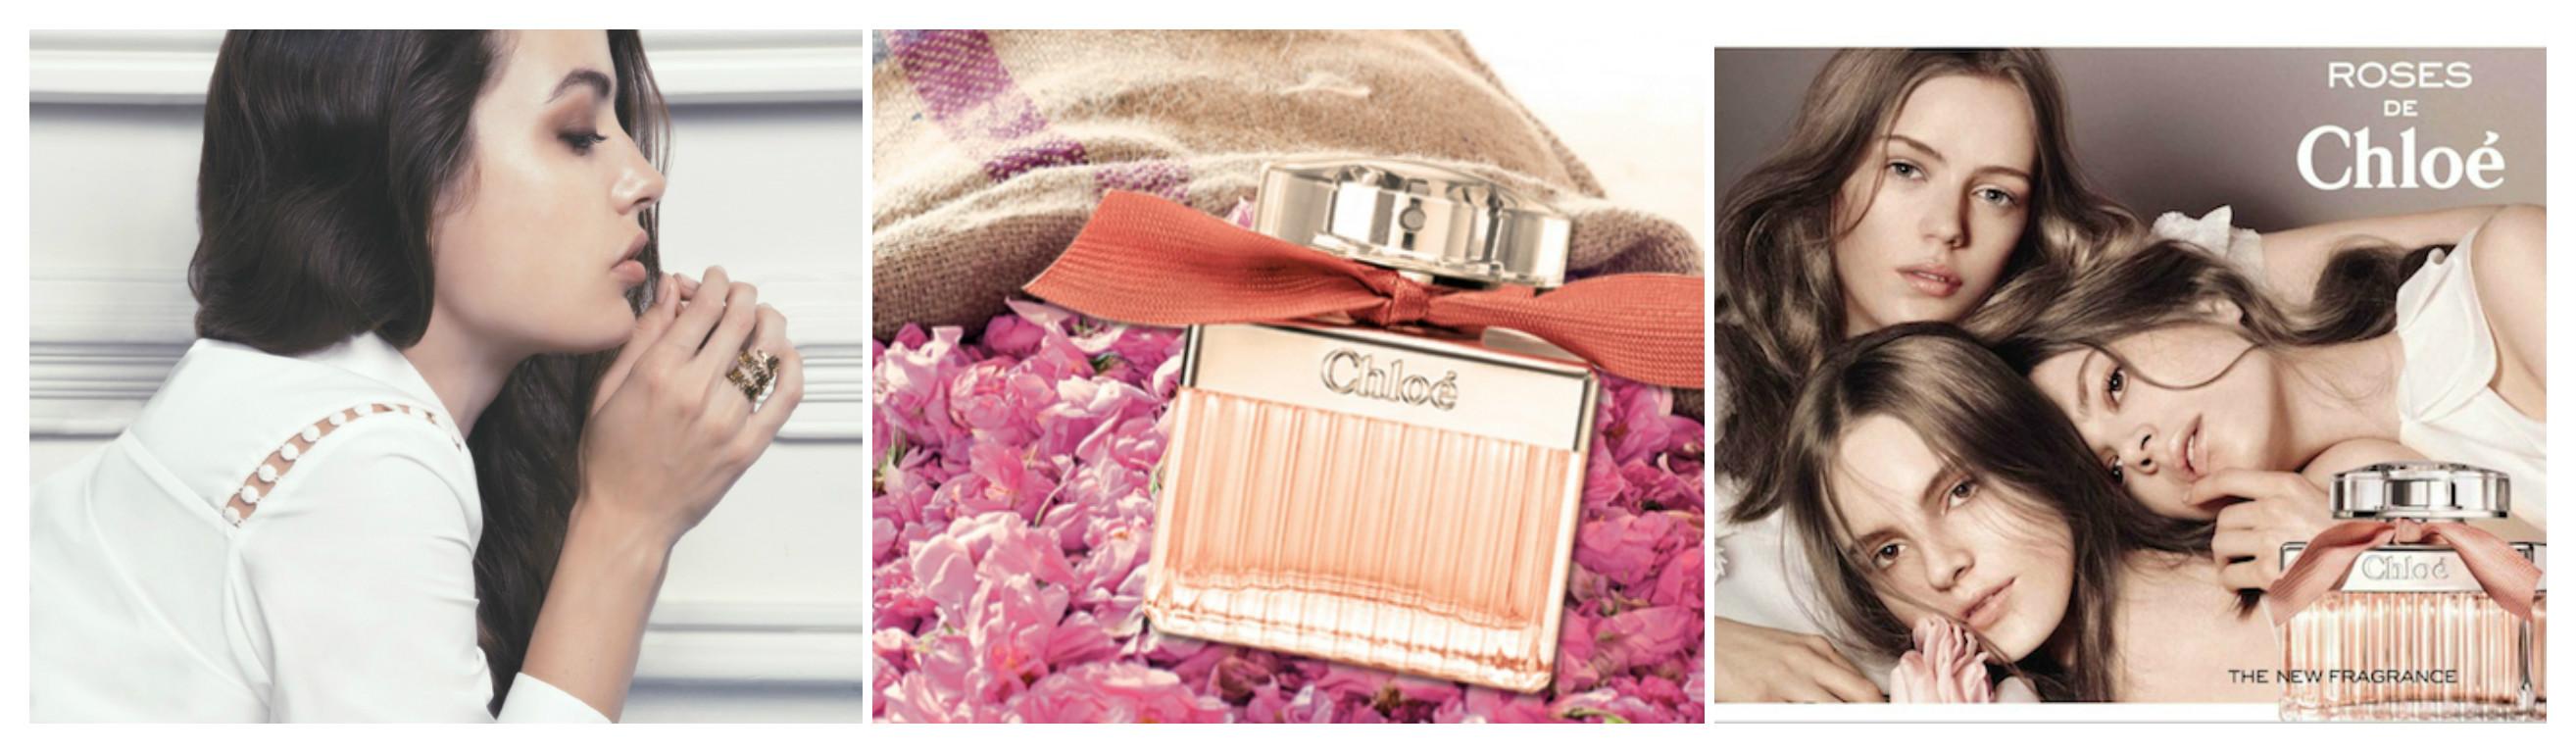 Chloe Roses De Chloe Perfume